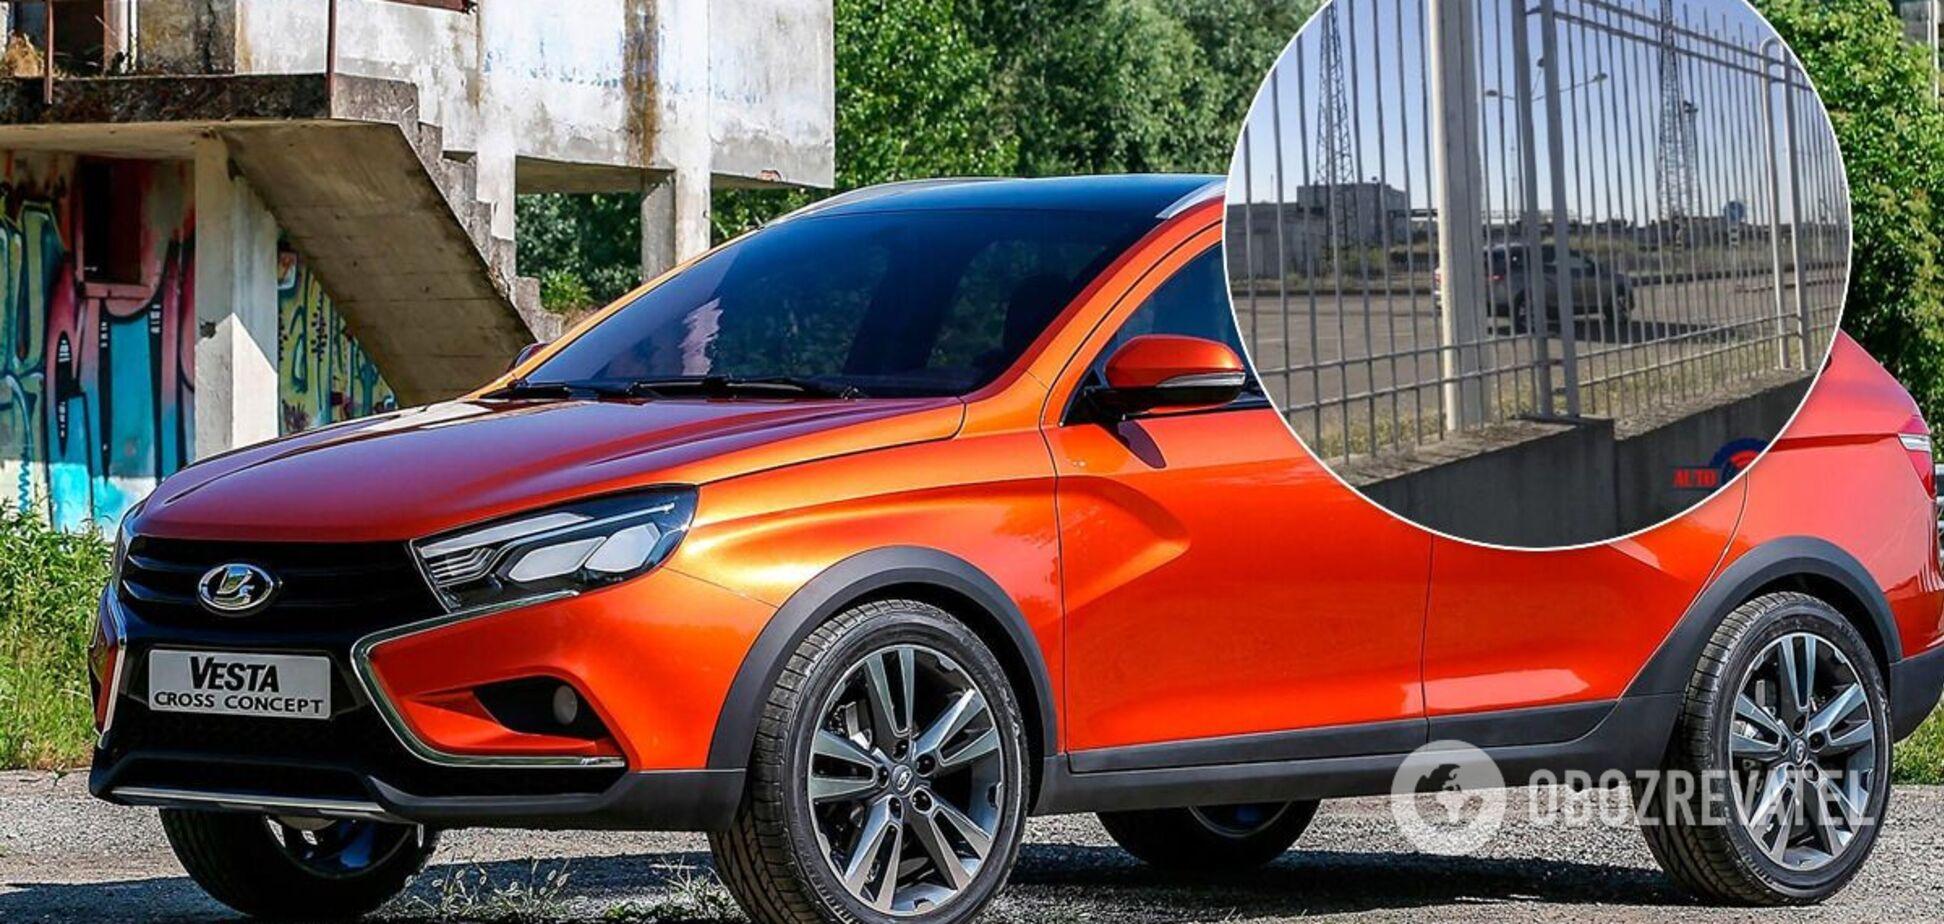 Нова модель Lada засвітилася під час тестів на заводі ЗАЗ